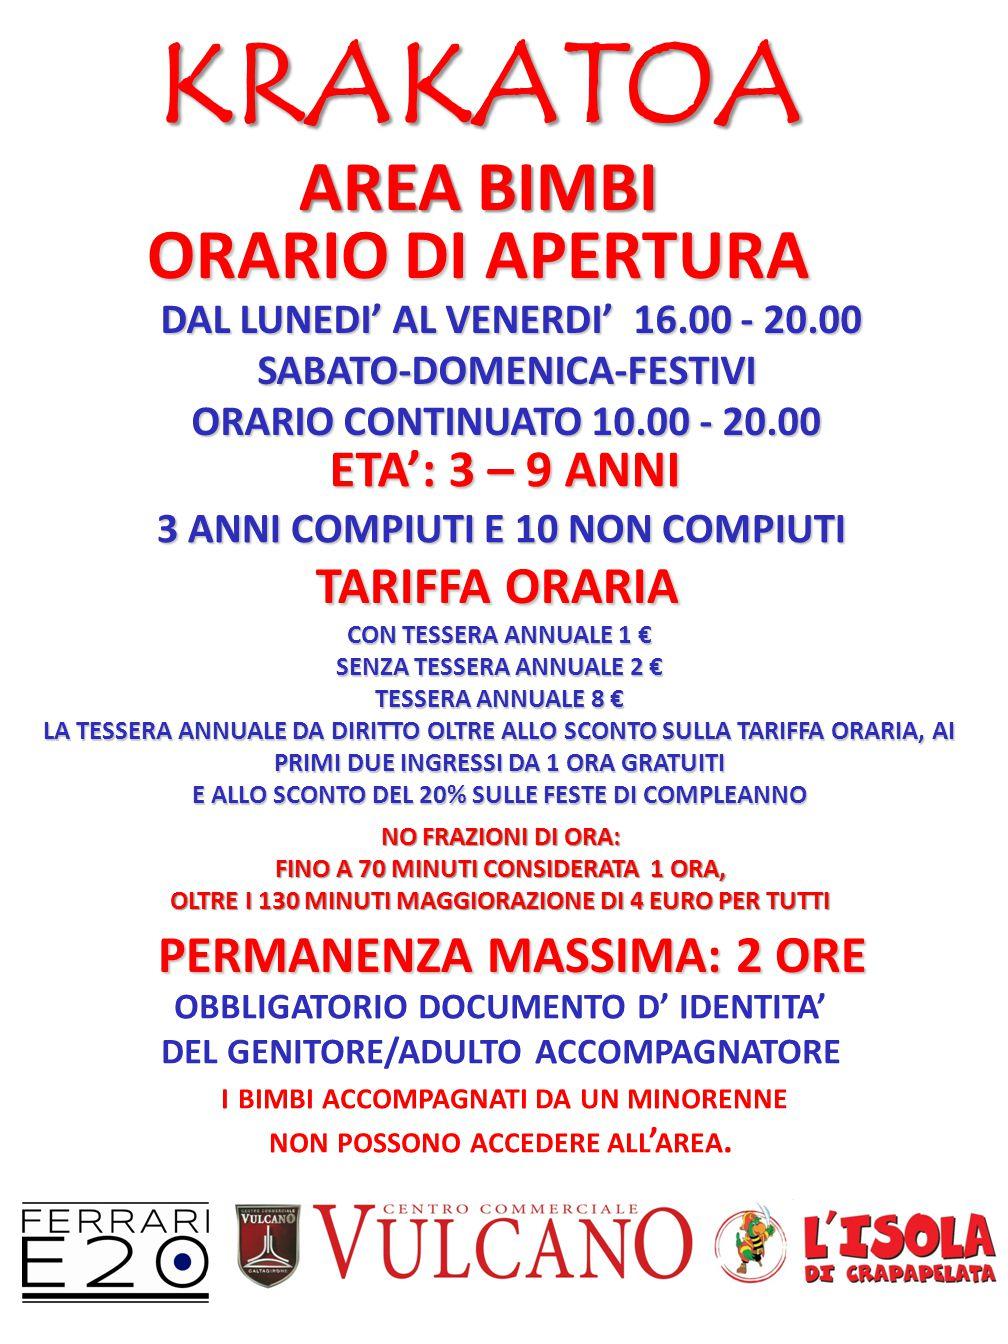 KRAKATOA AREA BIMBI ORARIO DI APERTURA ETA': 3 – 9 ANNI TARIFFA ORARIA